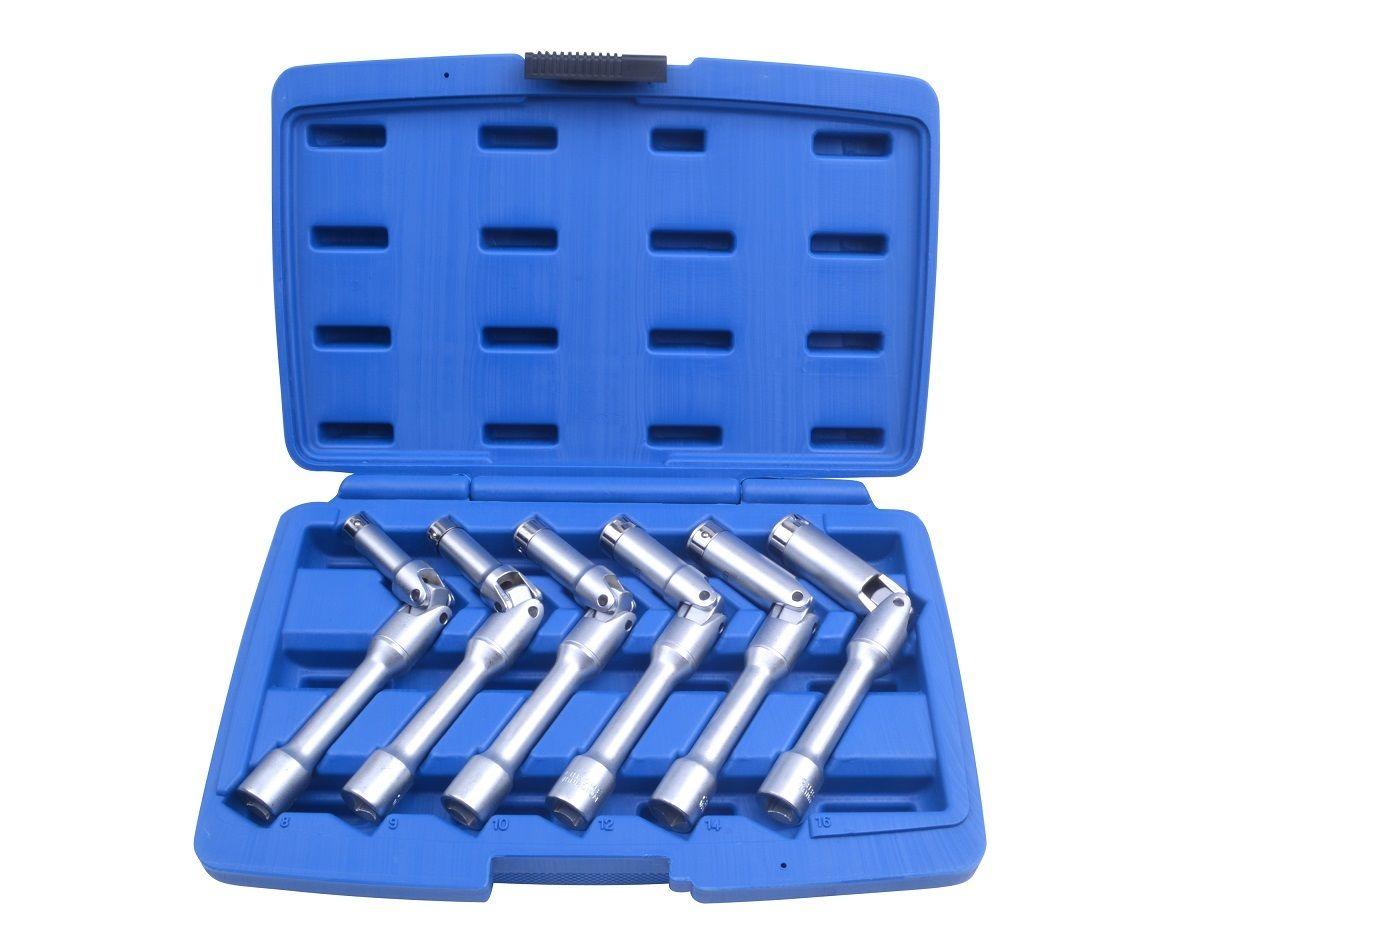 """Nástrčné kloubové klíče 3/8"""", na svíčky, velikost 8-16 mm, sada 6 kusů"""